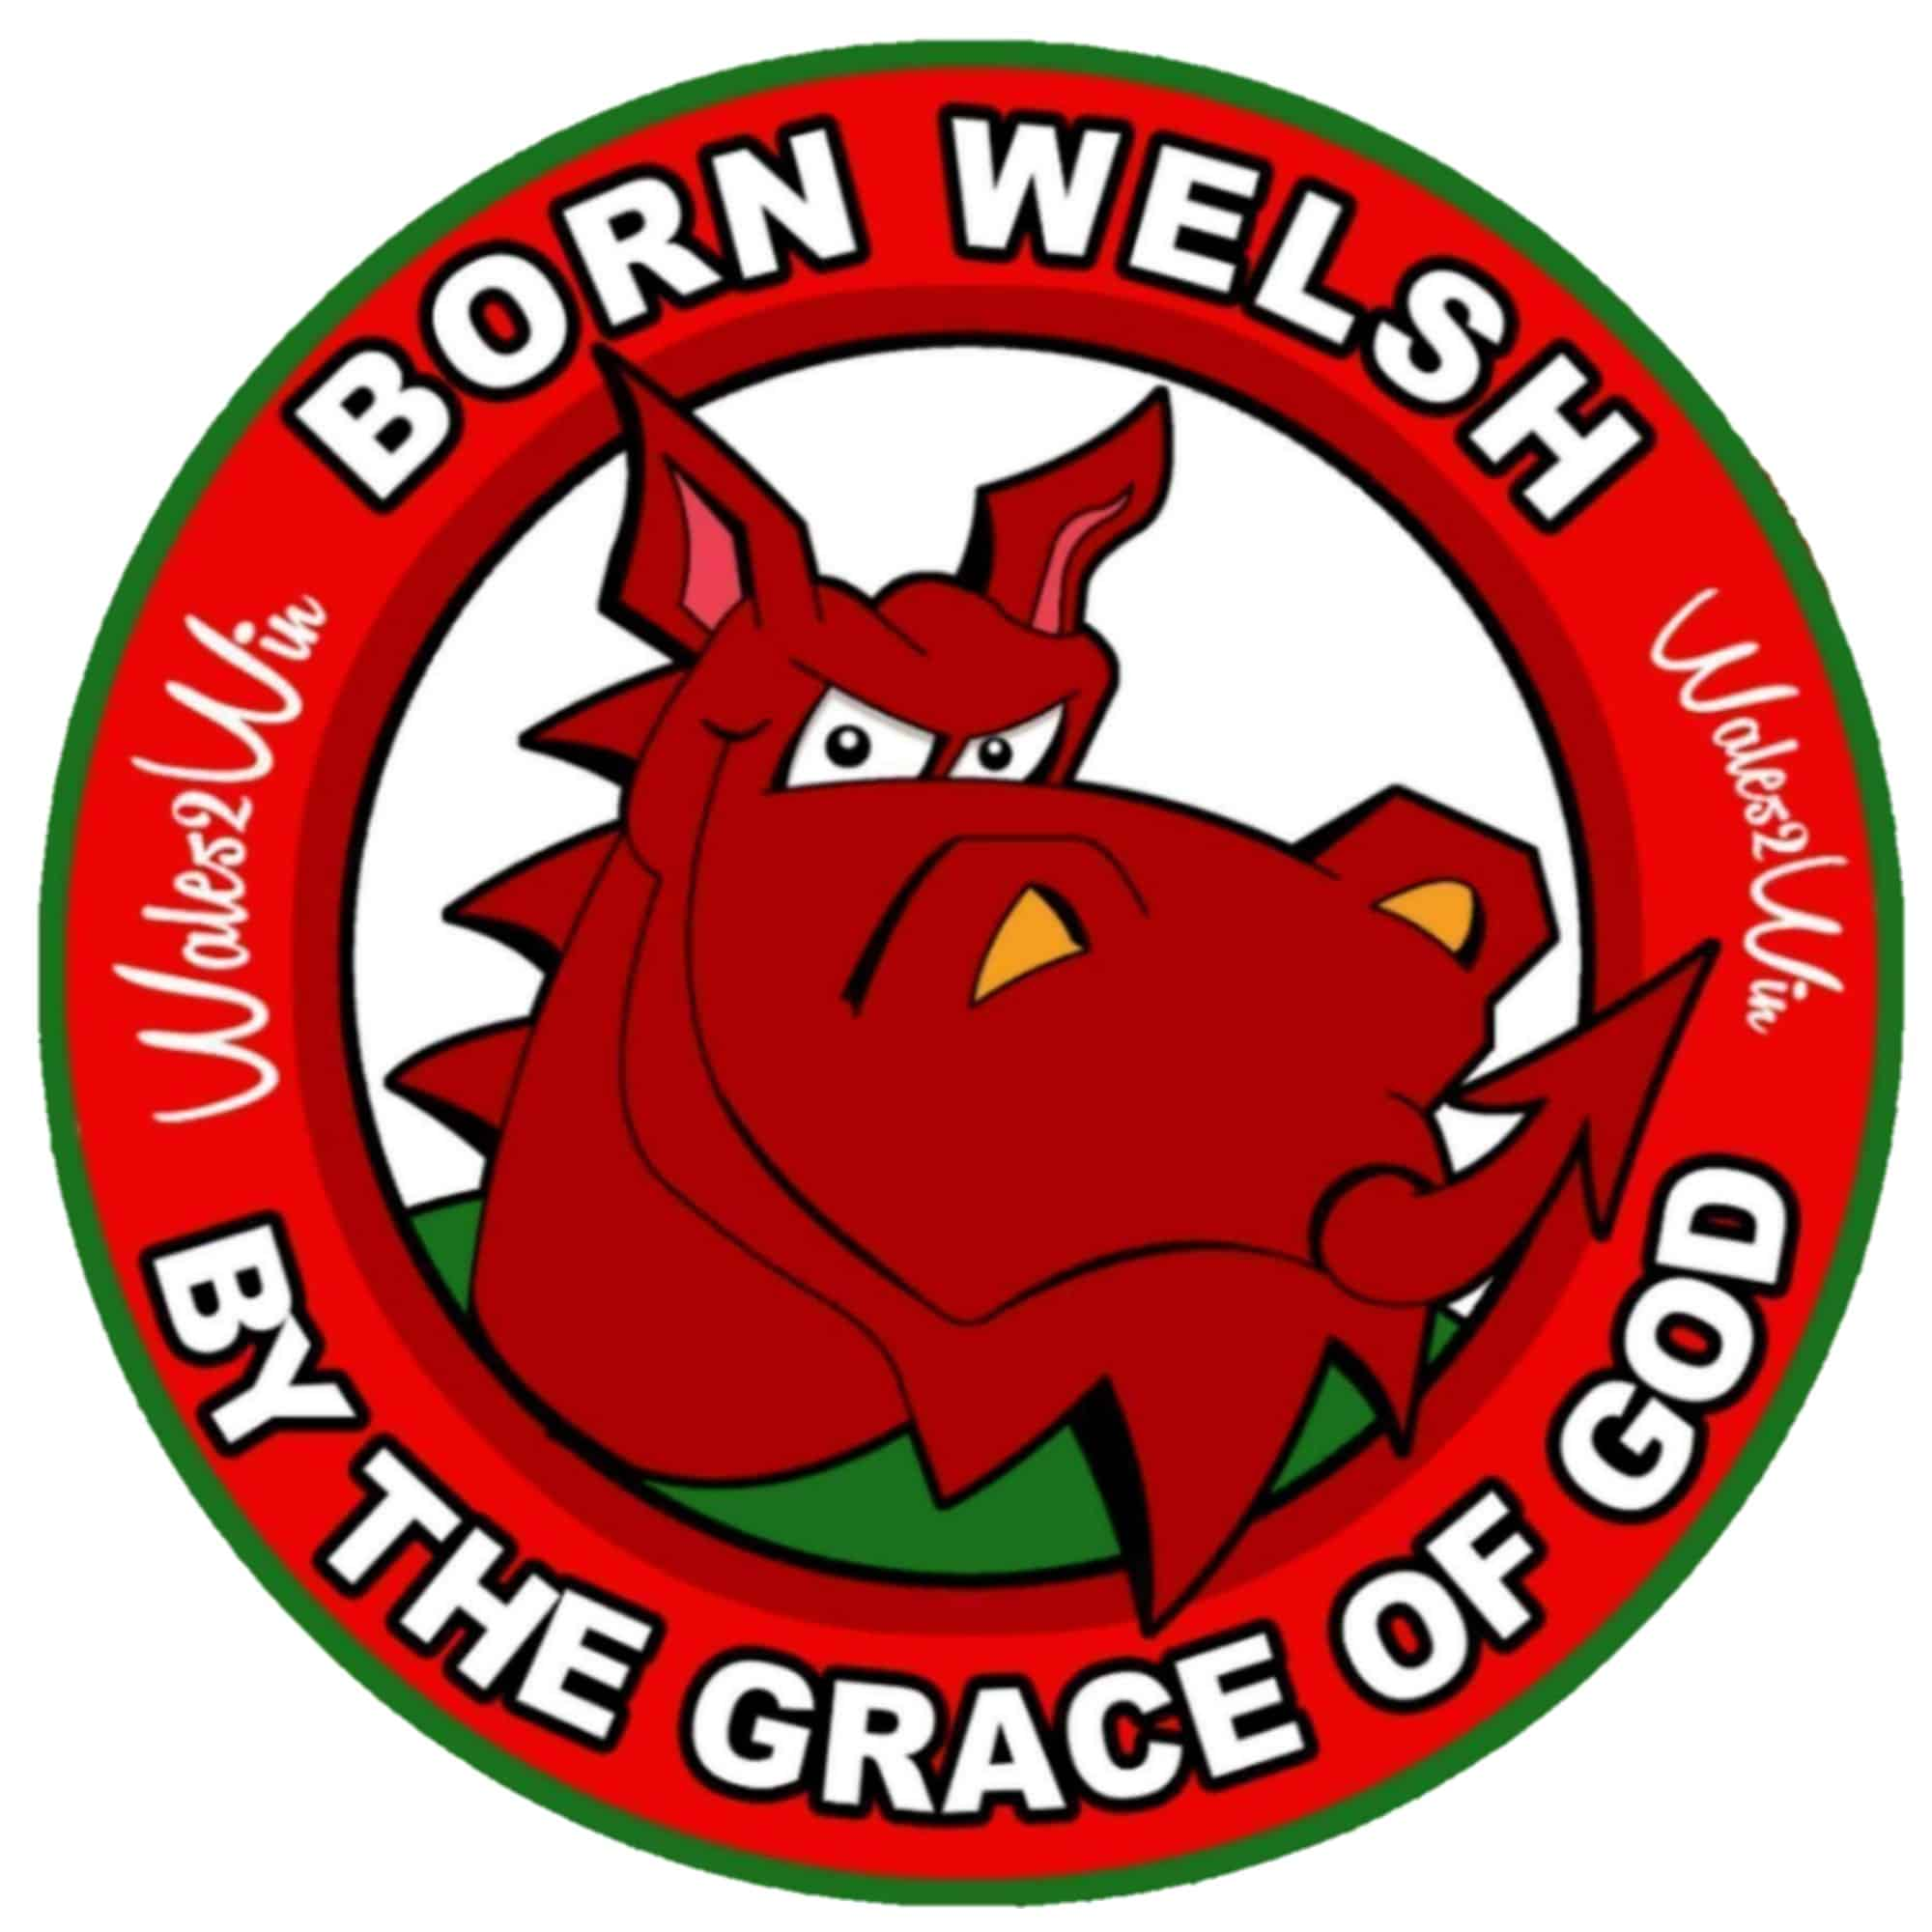 Wales2Win